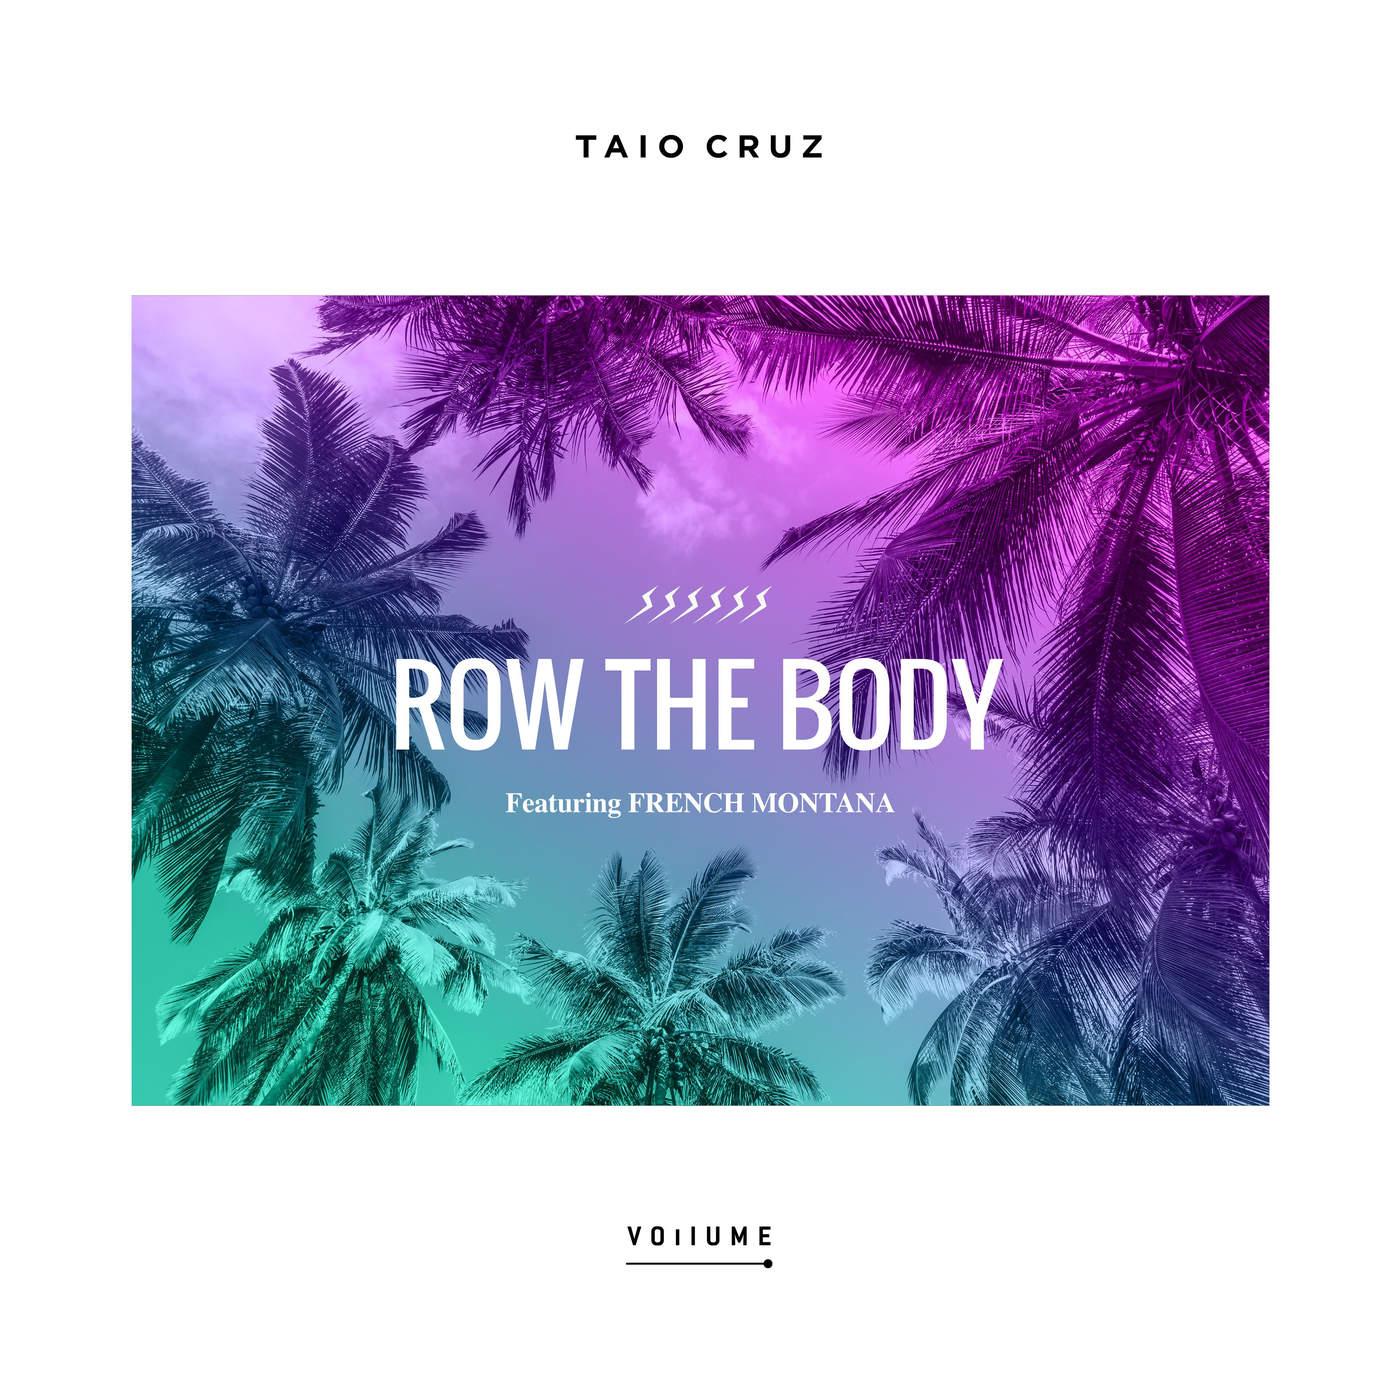 Taio Cruz - Row the Body (feat. French Montana) - Single